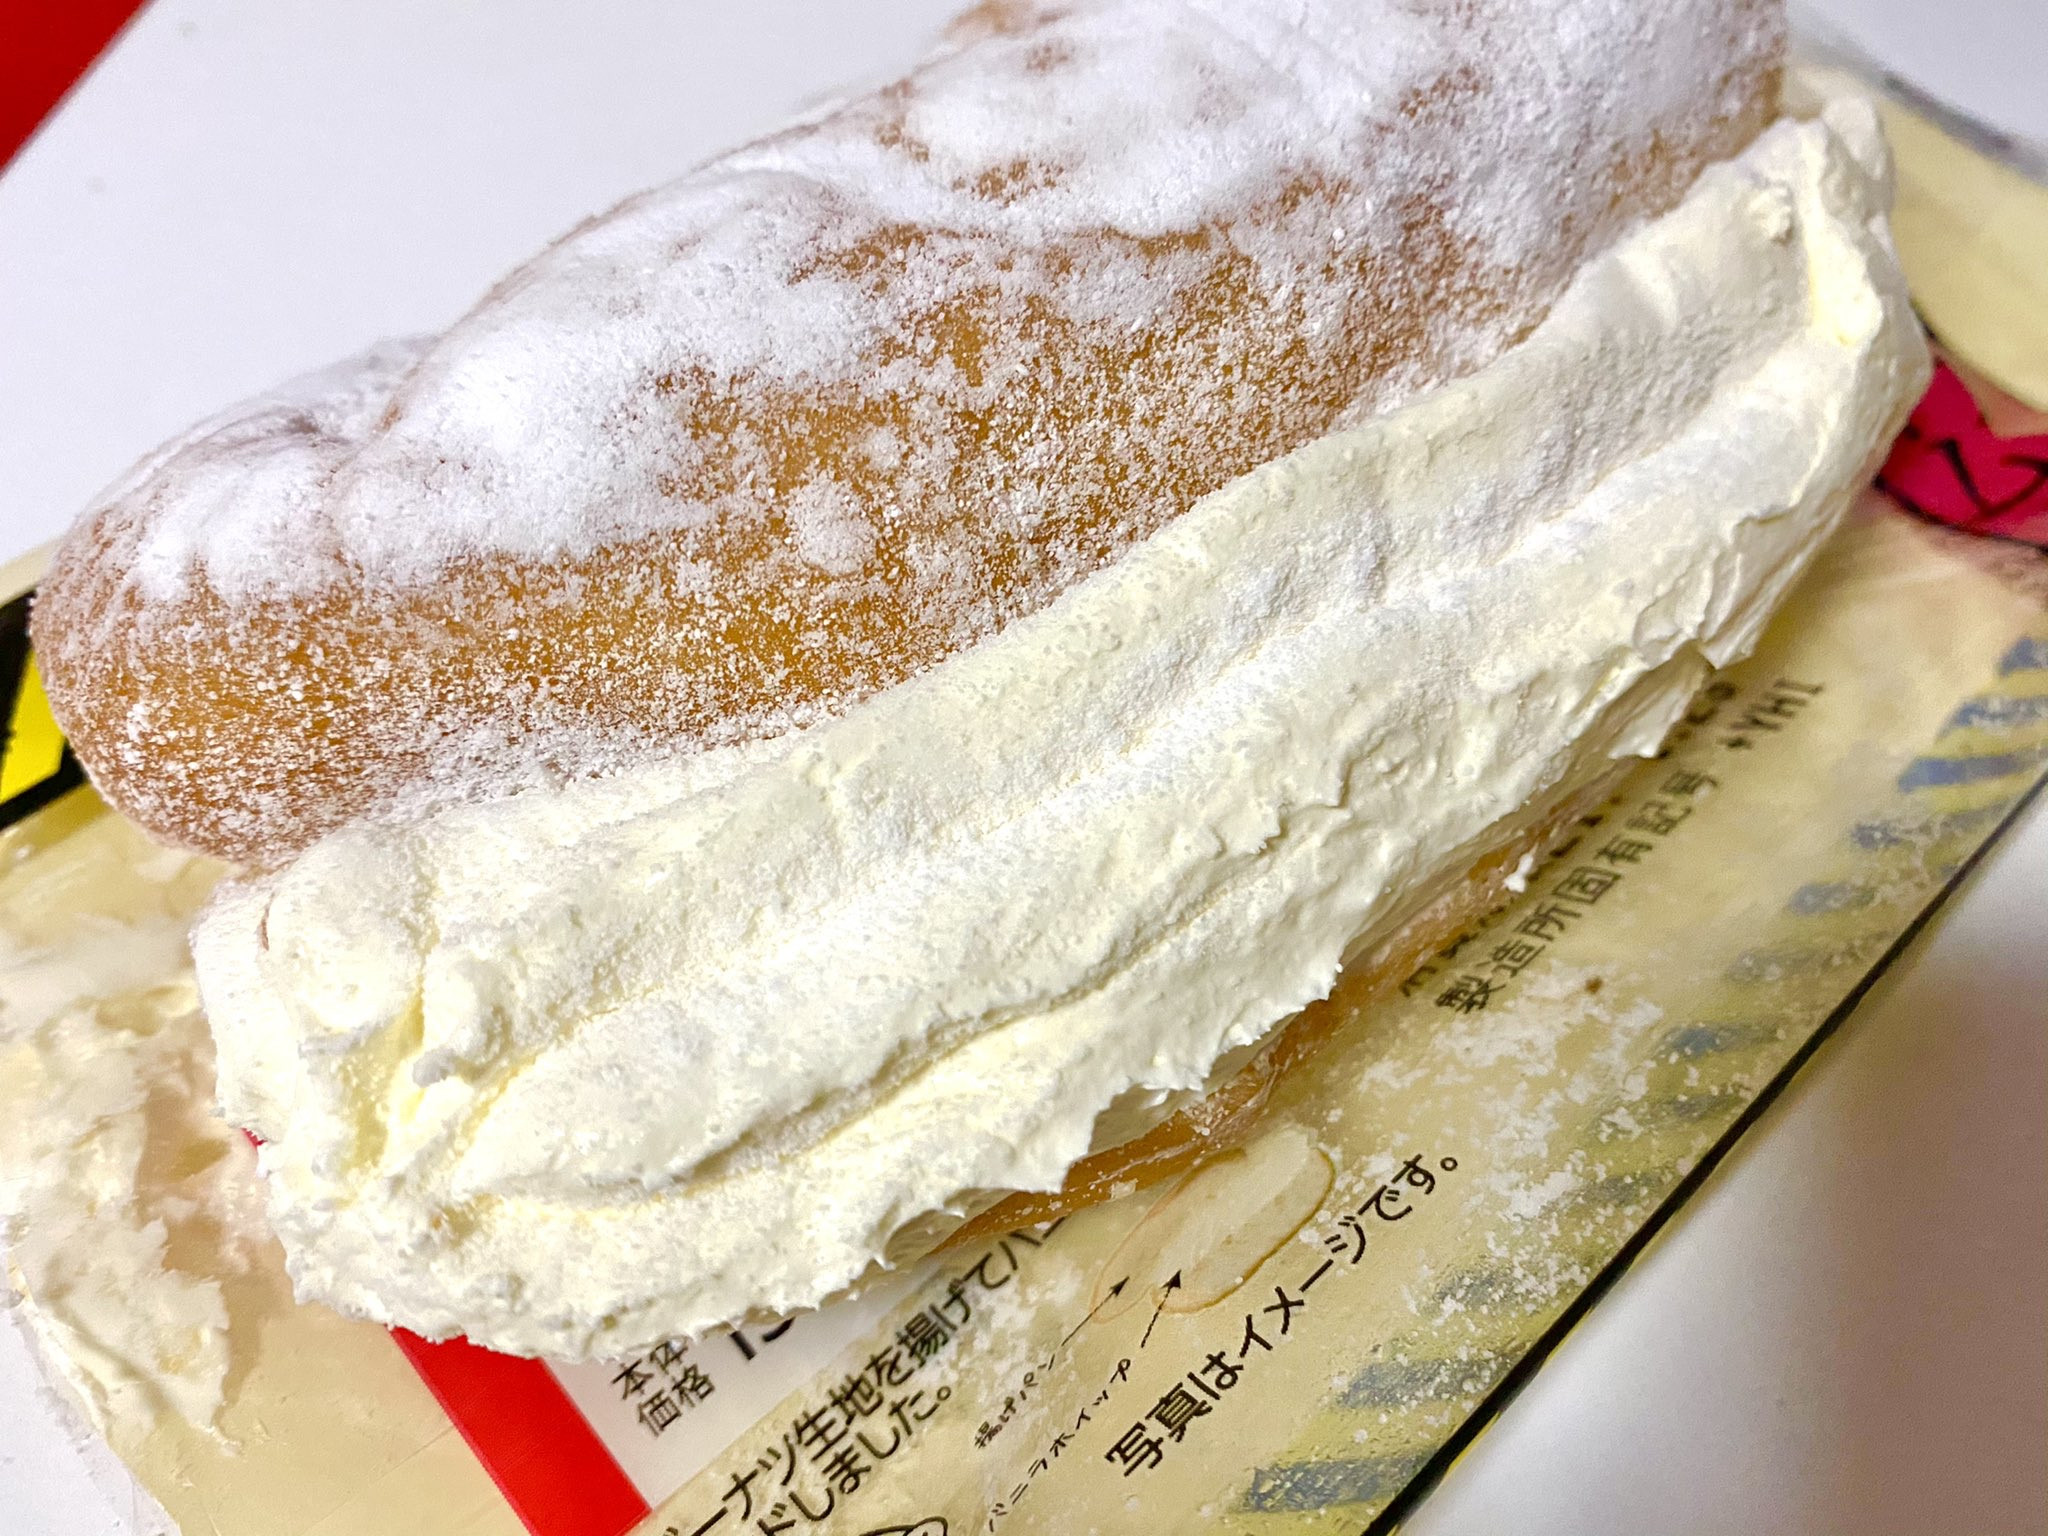 【画像有】ローソンの生クリームパンのクリームの量wwwwwwwwwwwwwwwwwwwwwwwwwwwwww